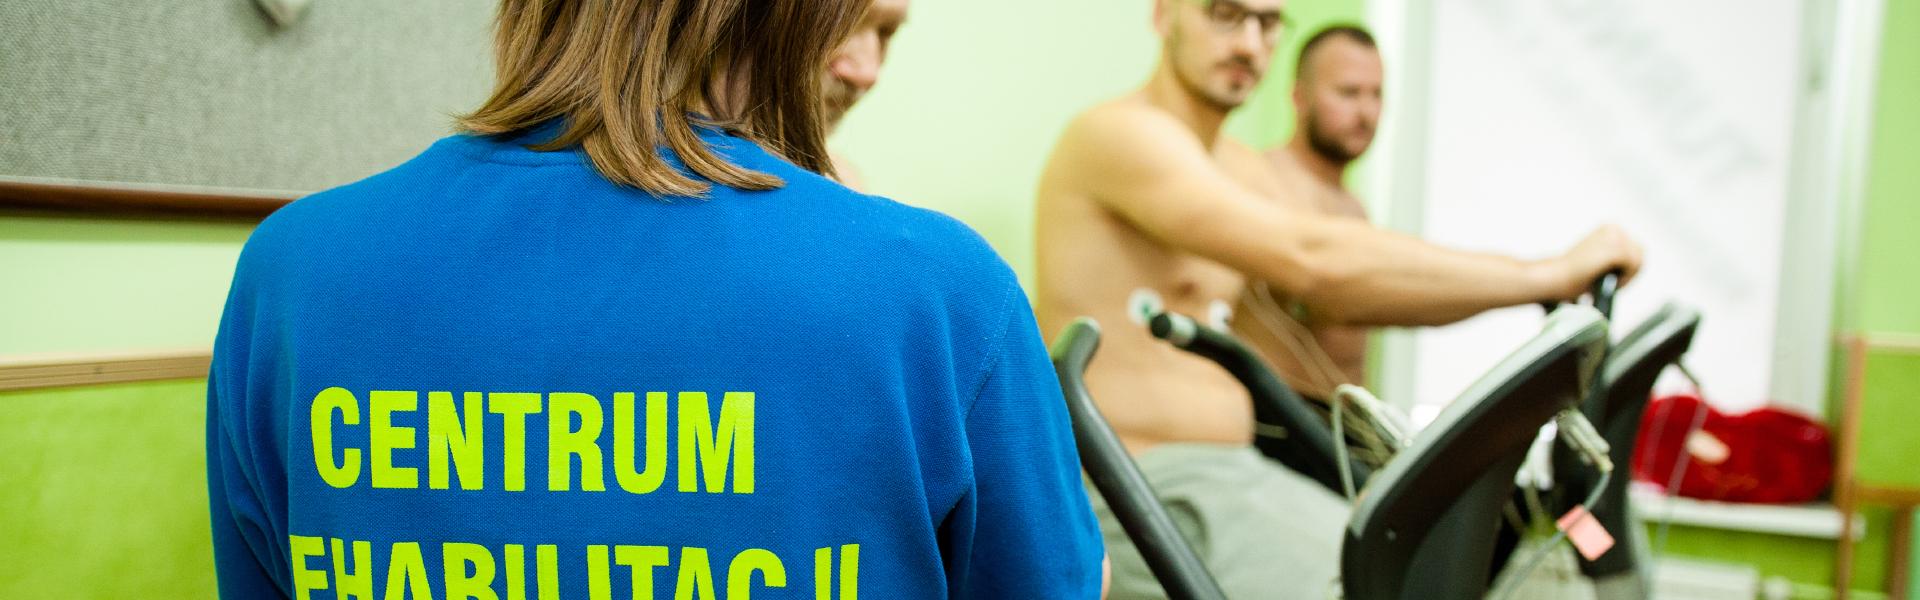 Kardiologia Centrum Rehabilitacji KRASZEWSKIEGO (1)